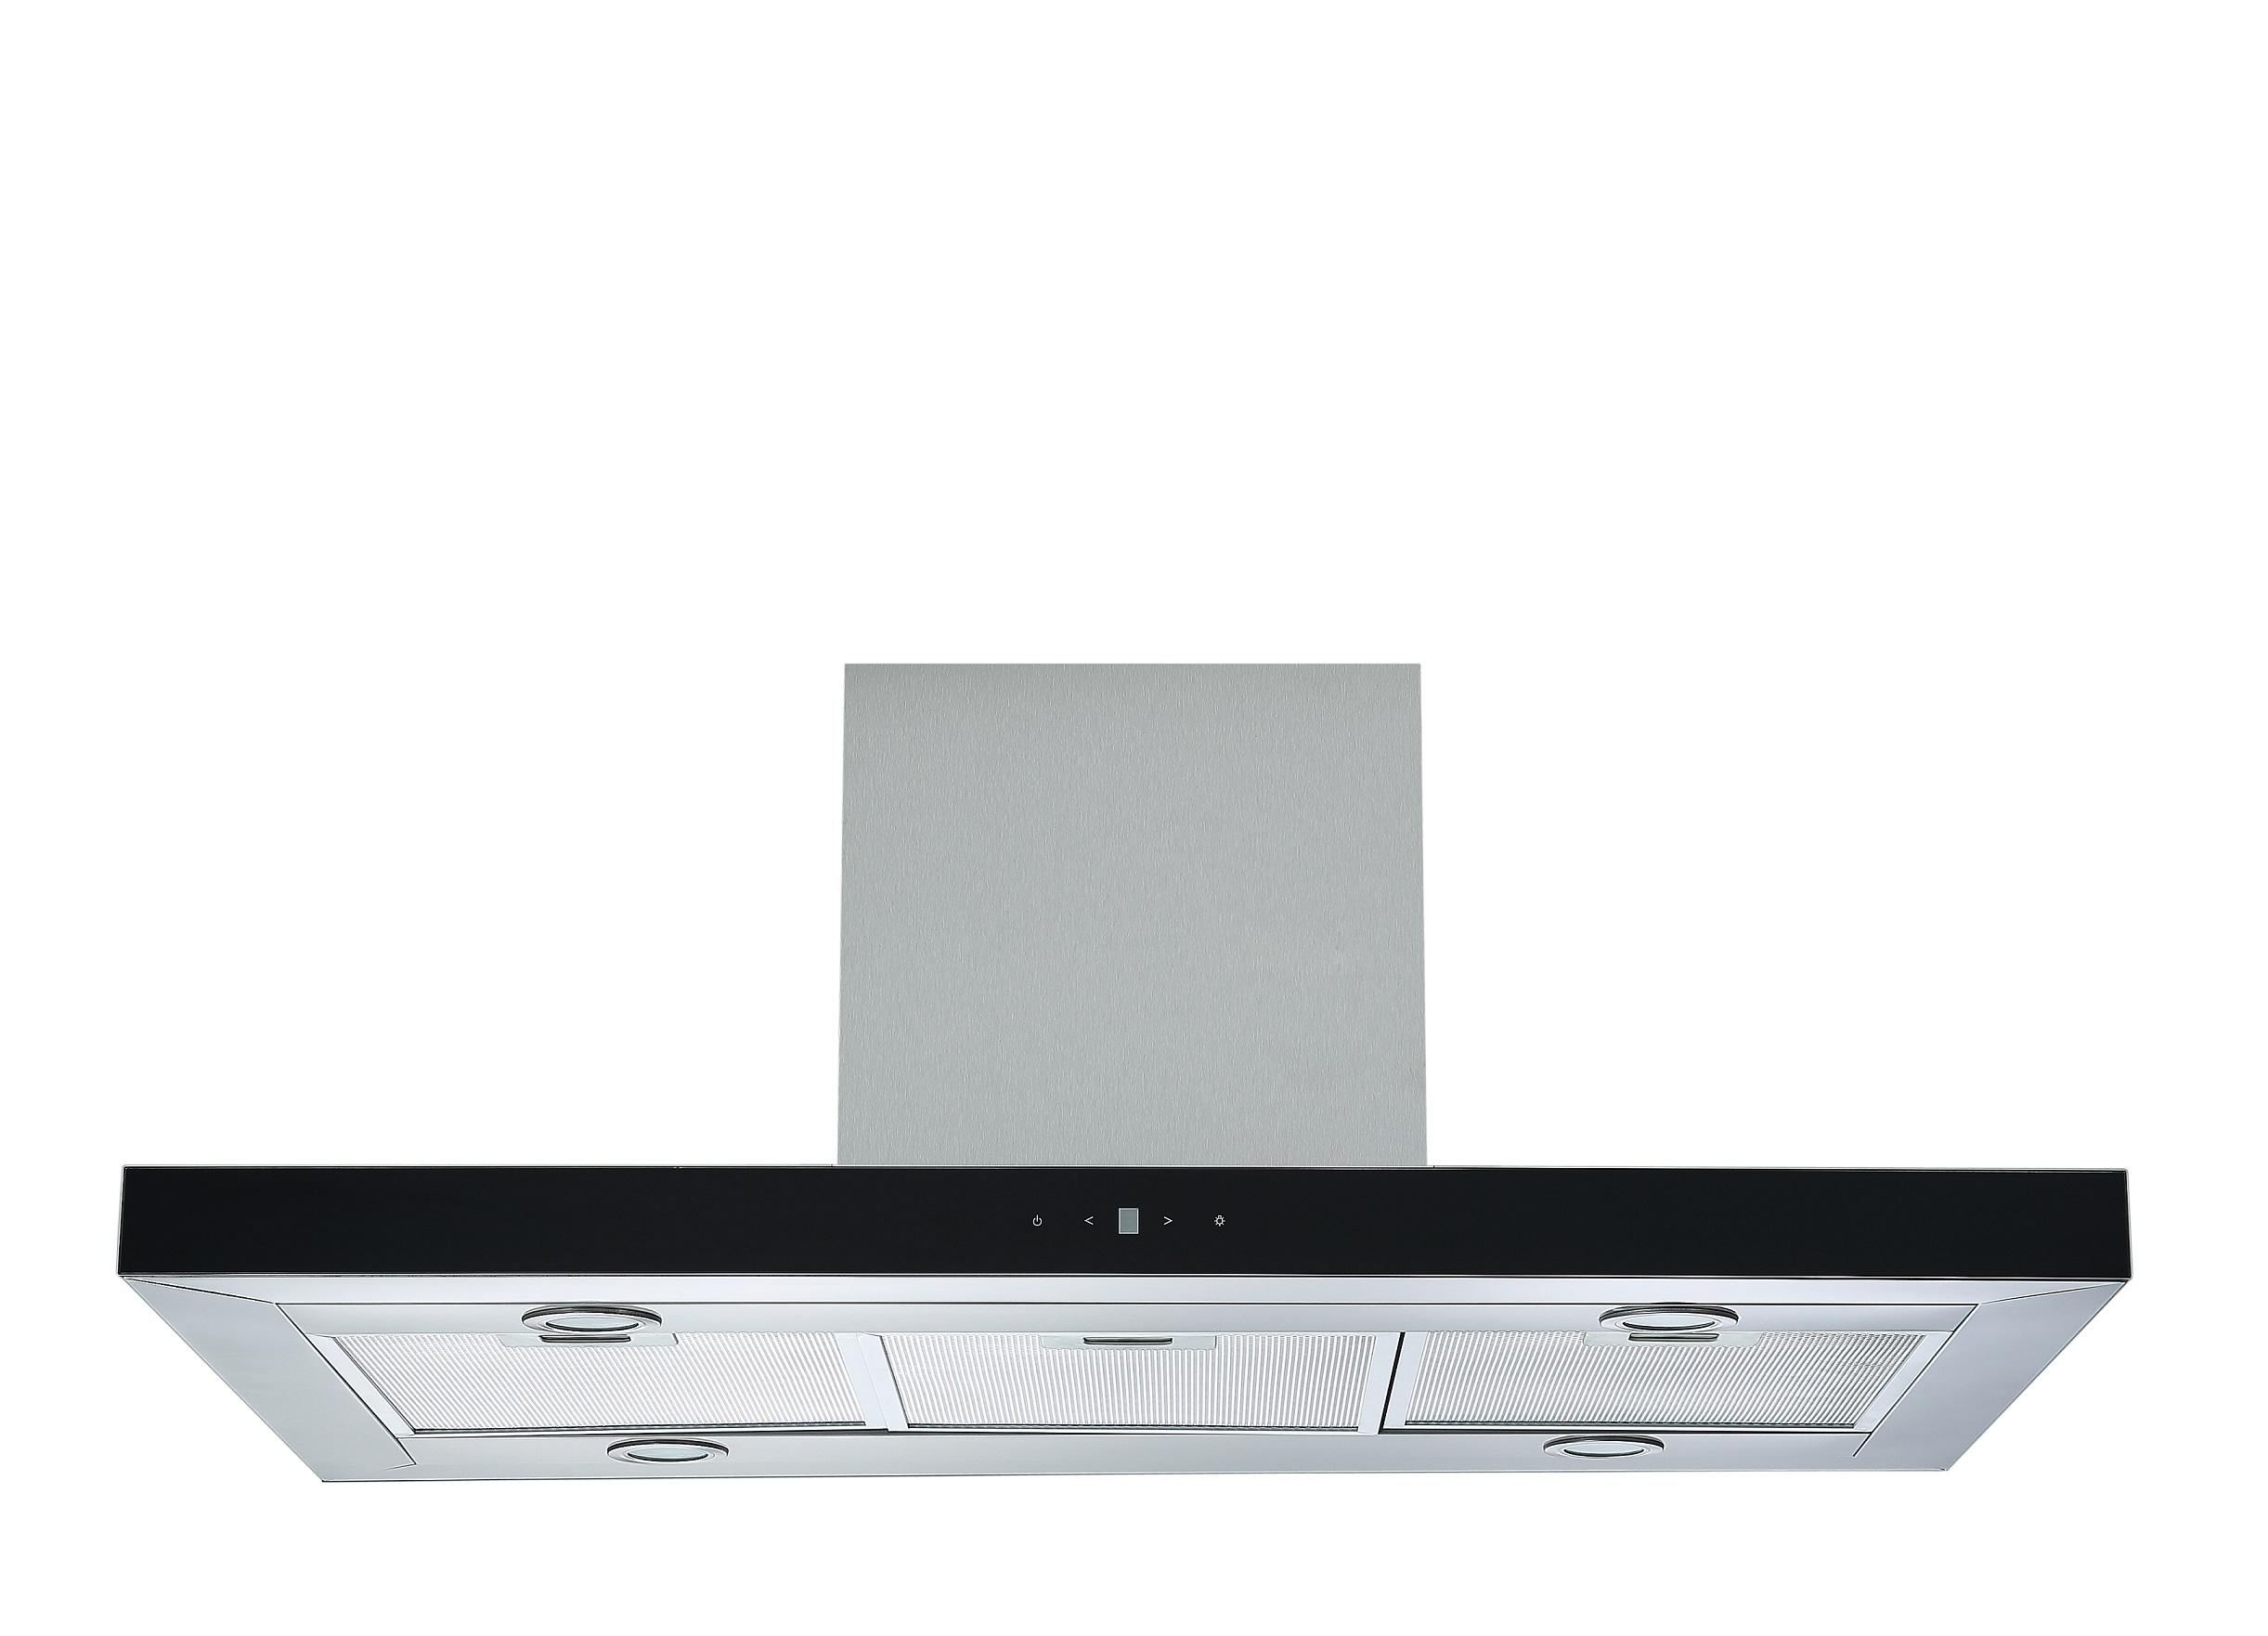 respekta hotte lot gamme de hotte inox 90 cm fa ade en. Black Bedroom Furniture Sets. Home Design Ideas